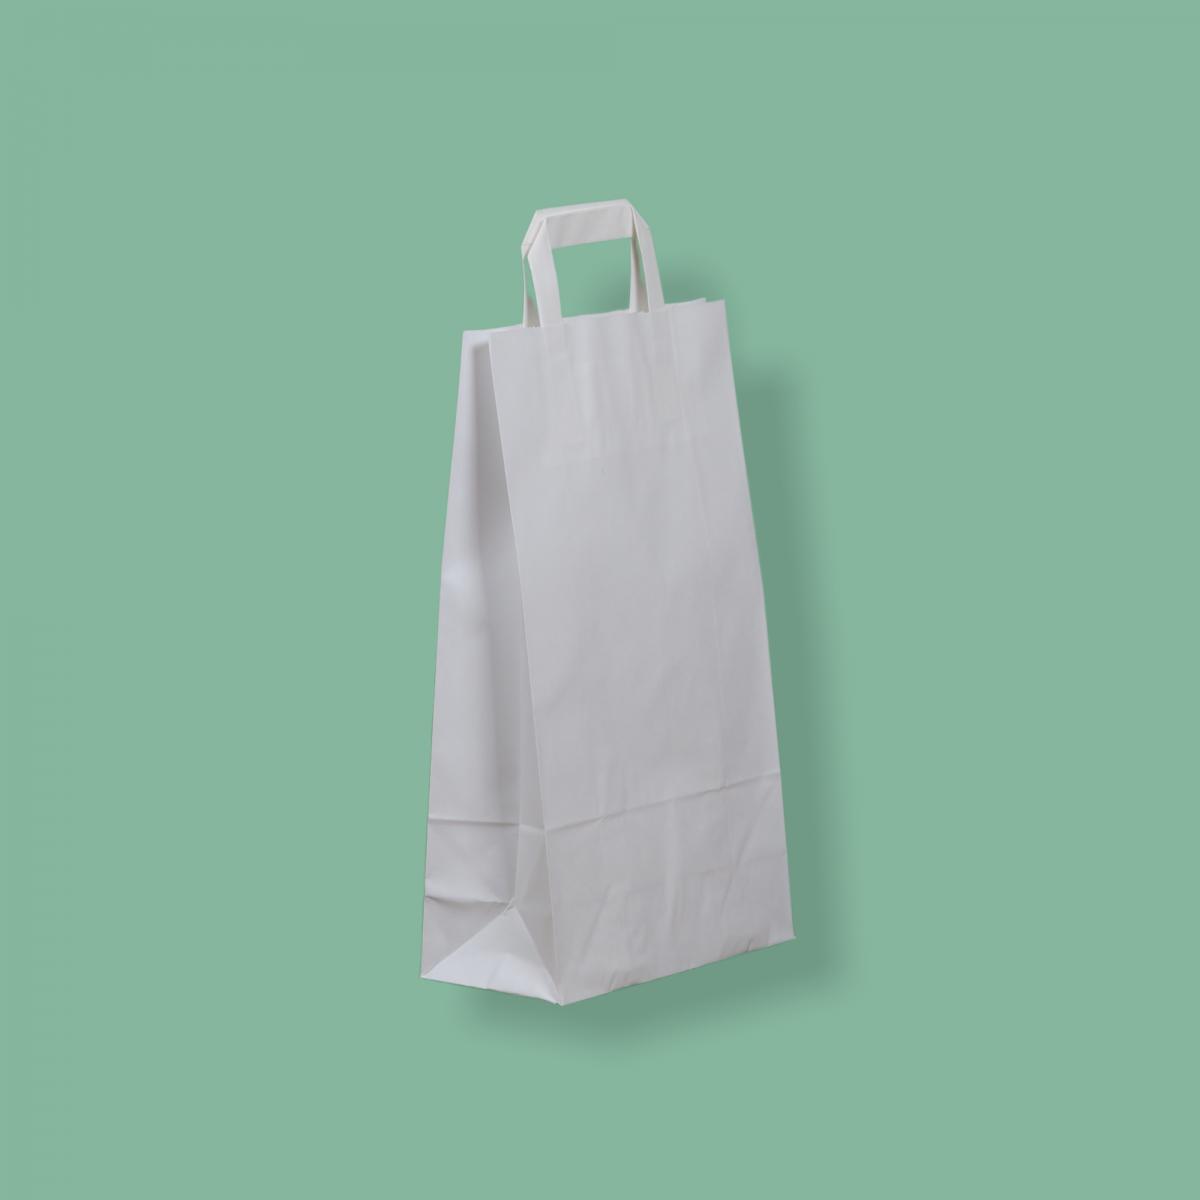 Szalagfüles papírtáska 22x36+10 cm fehér